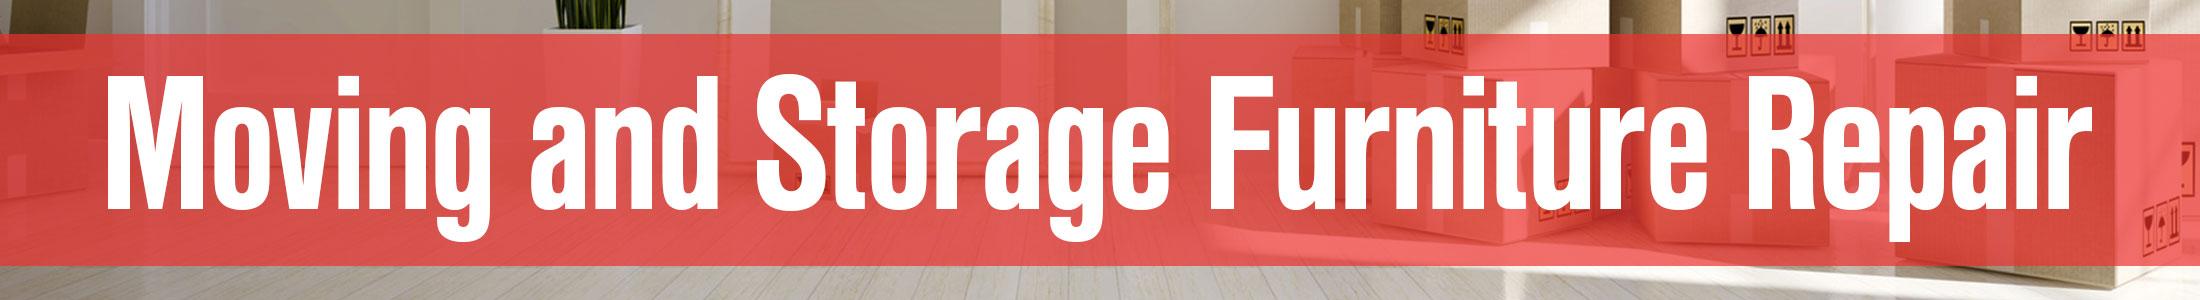 Moving And Storage Furniture Repair